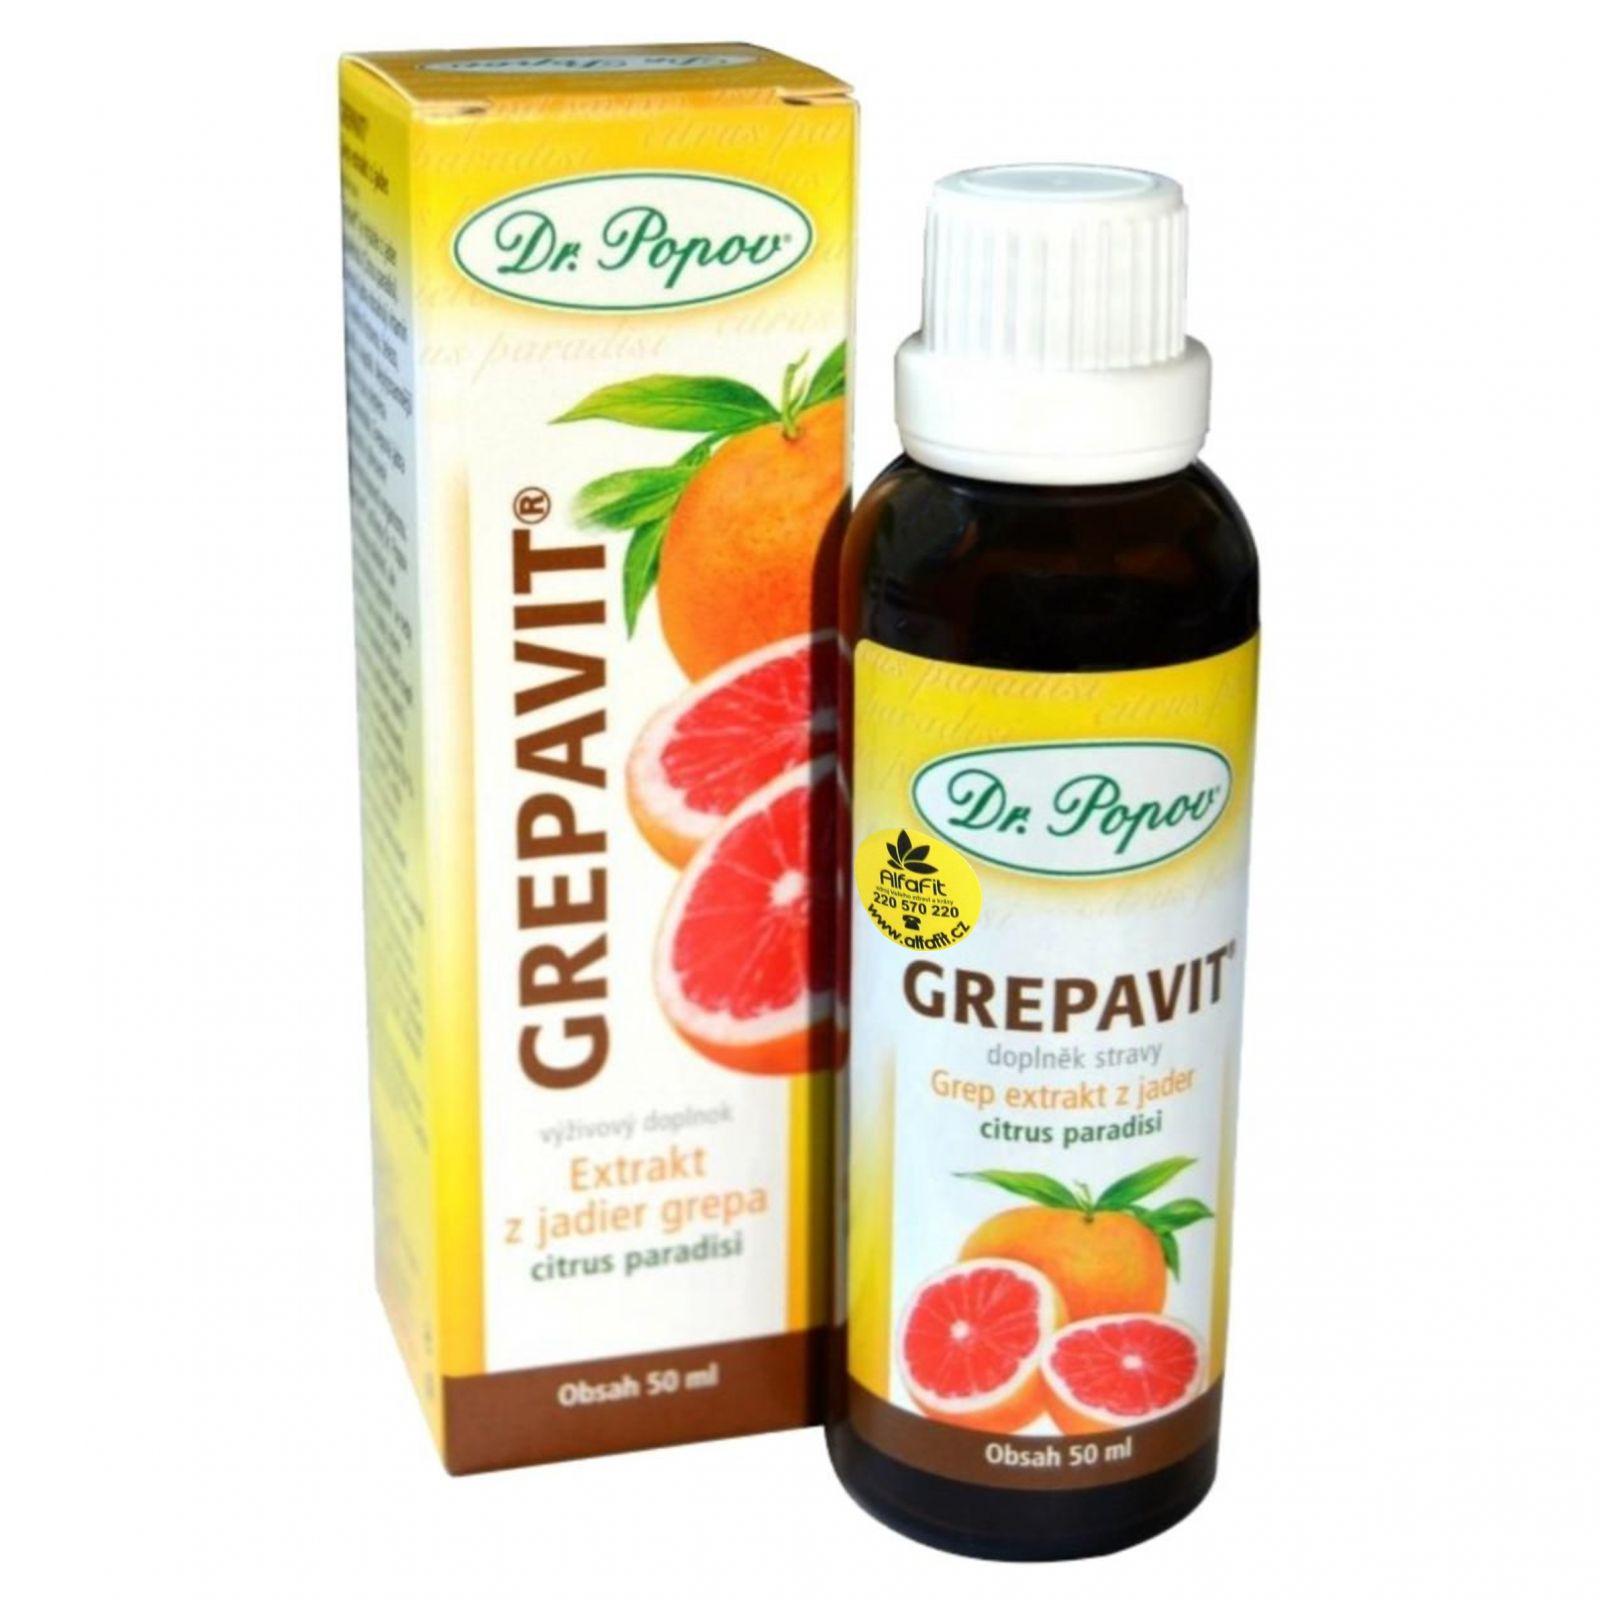 Dr. Popov Grapavit extrakt z grepu 100 ml